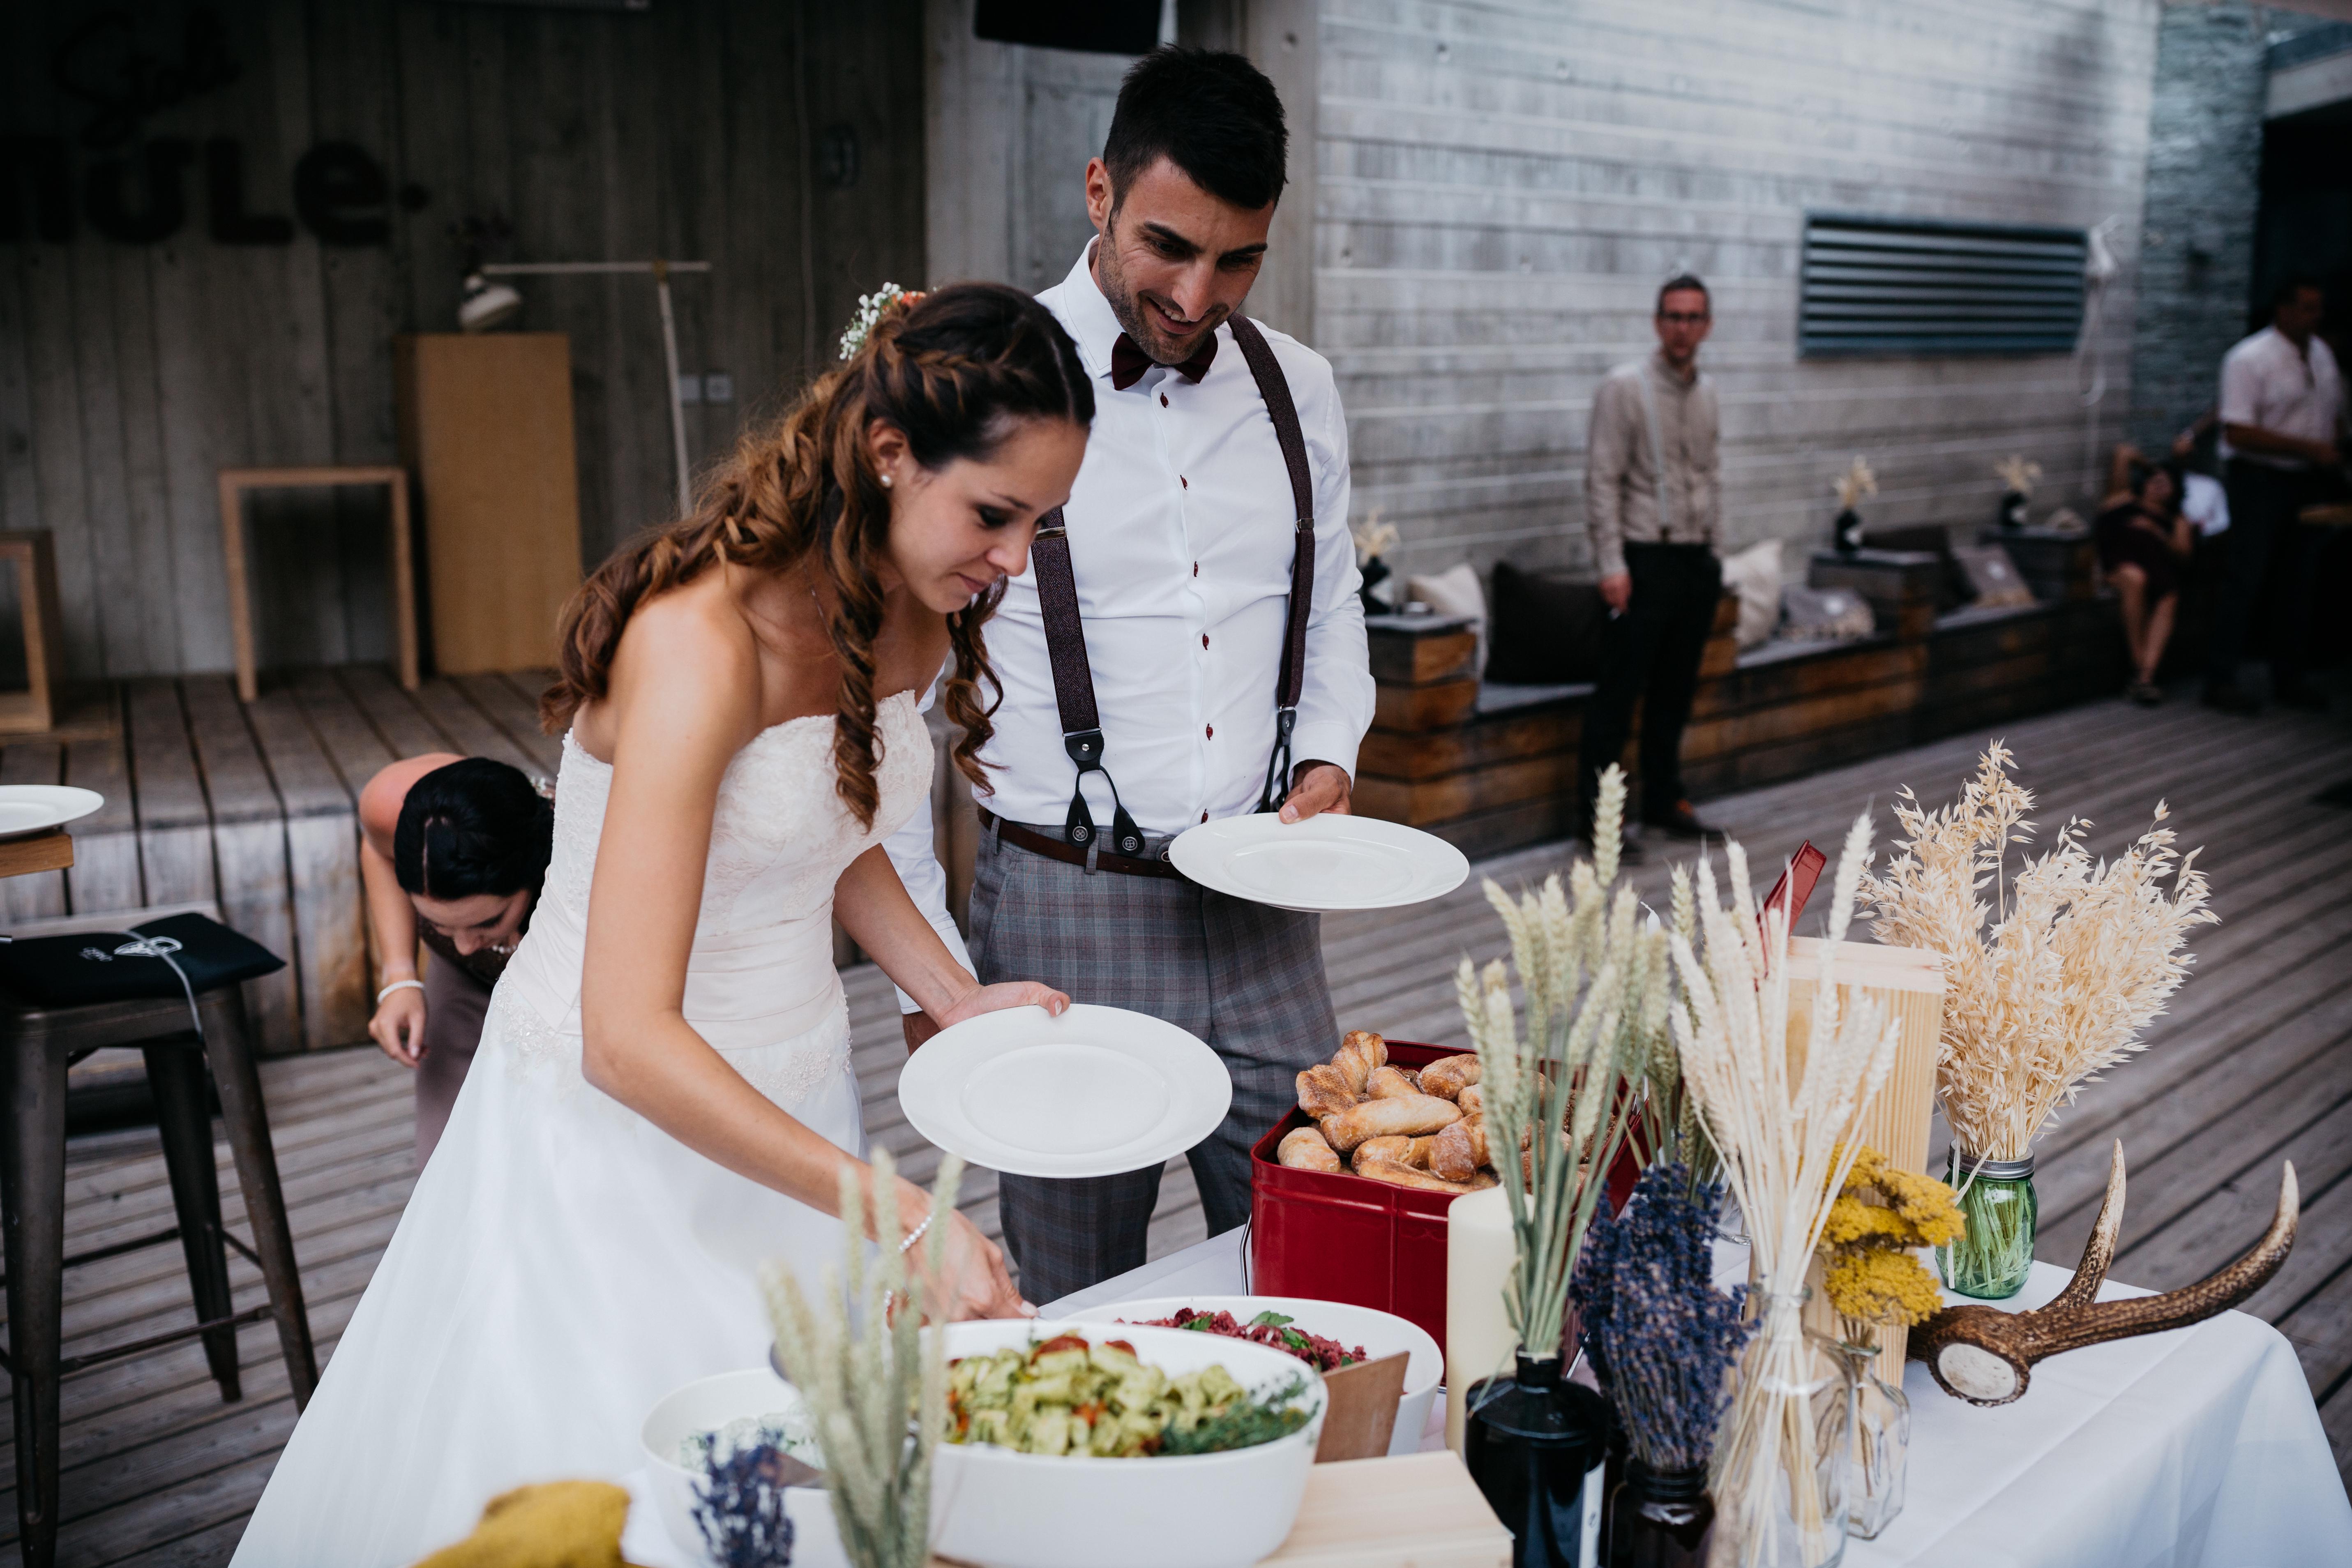 Hochzeitspaar am Buffet